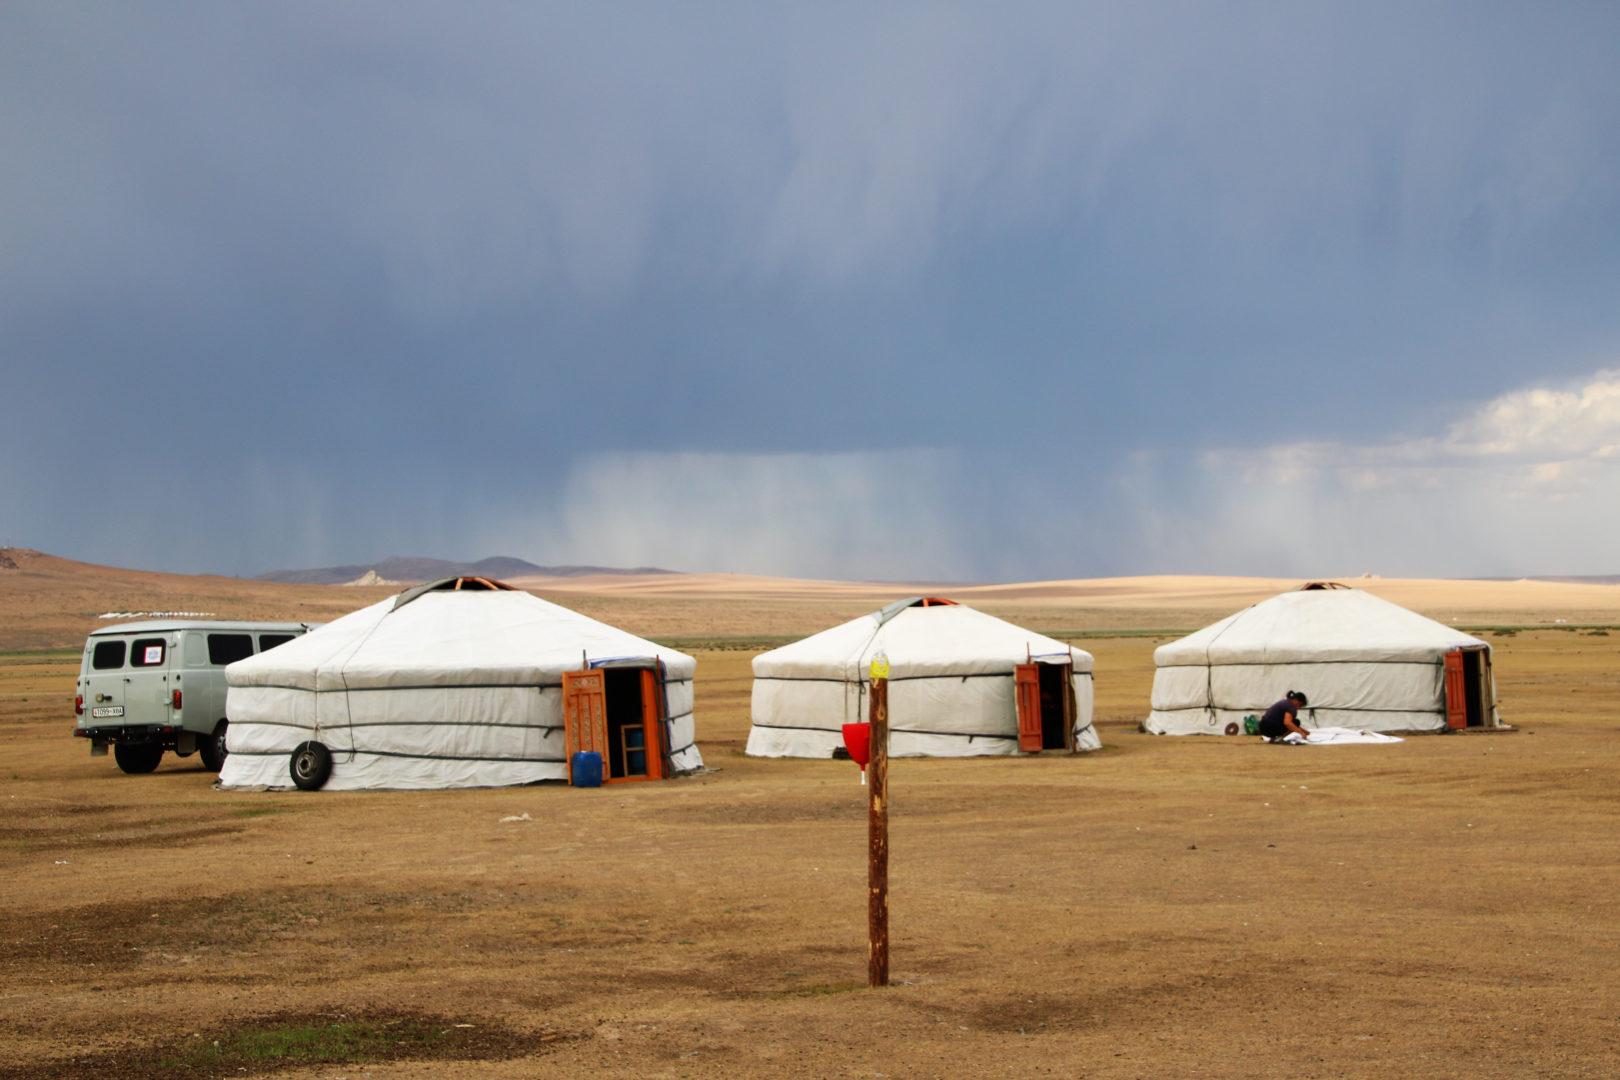 Jurtenübernachtung in der Wüste Gobi